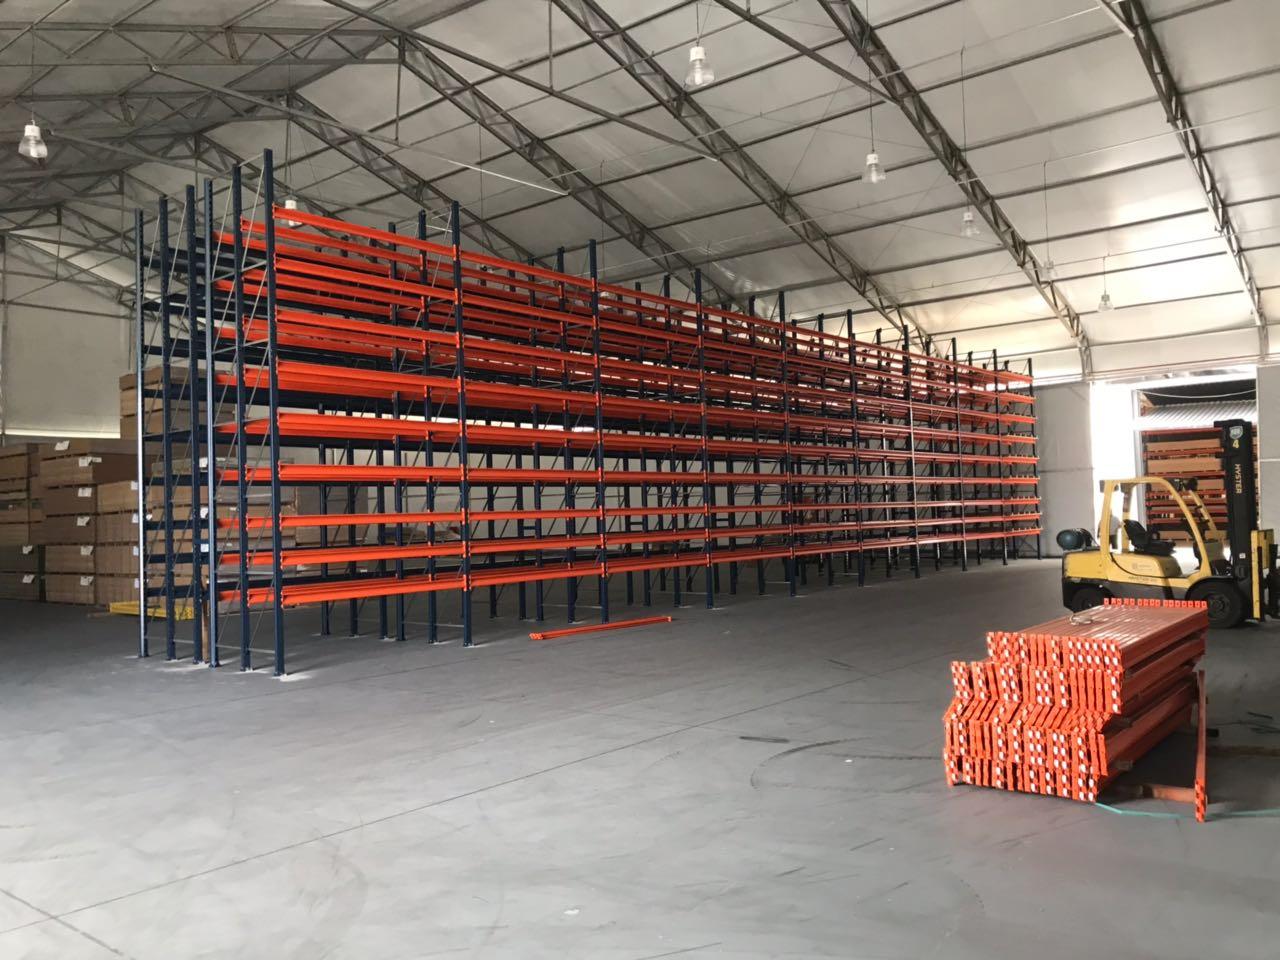 Galpão lonado galpão para armazenamento em Minas Gerais